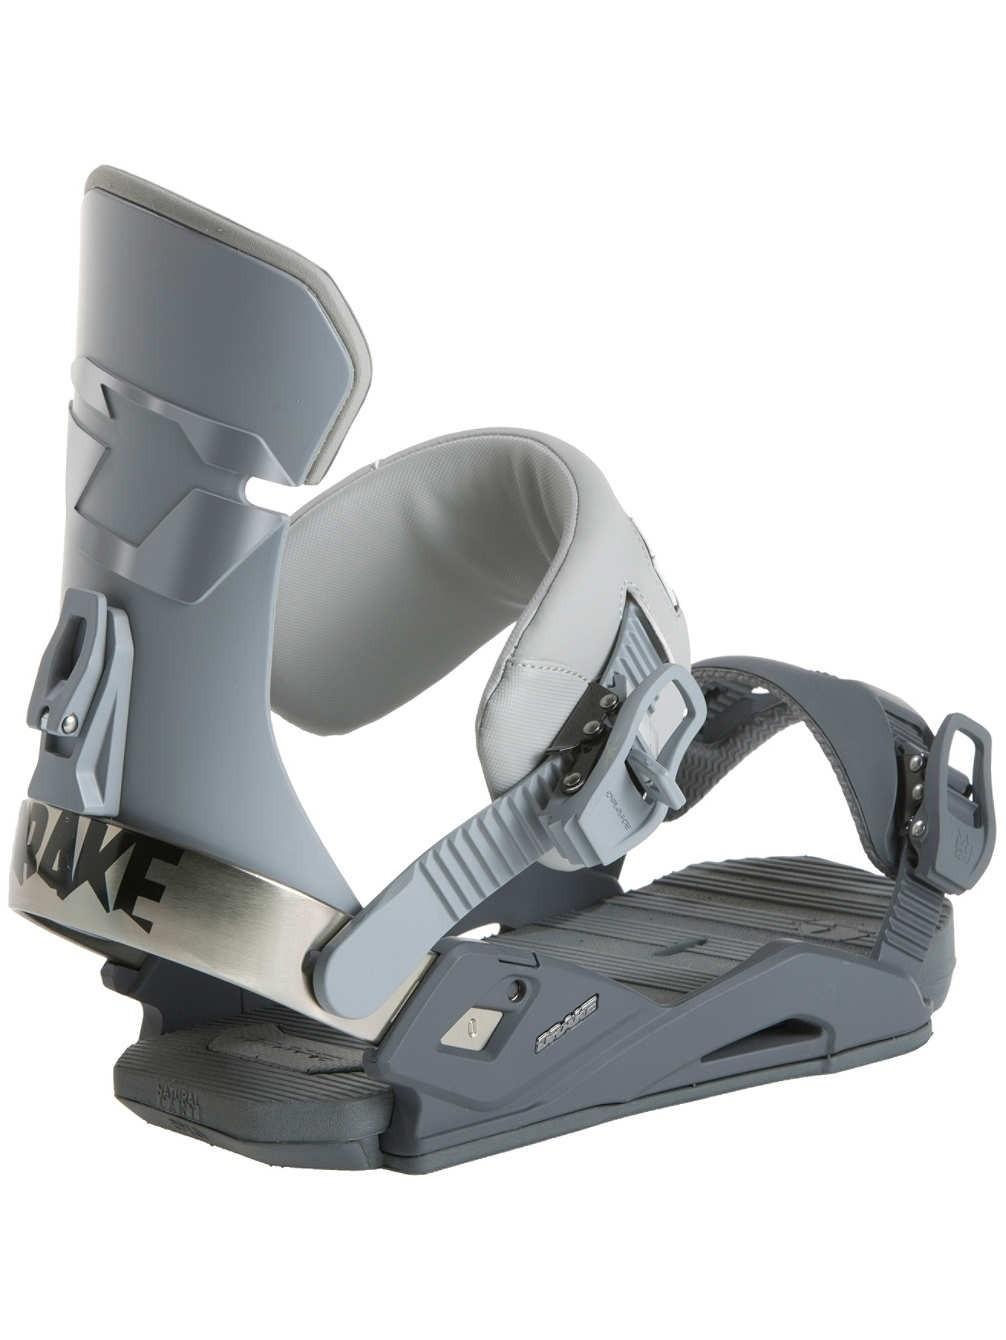 Drake snowboardbinding Reload 2018